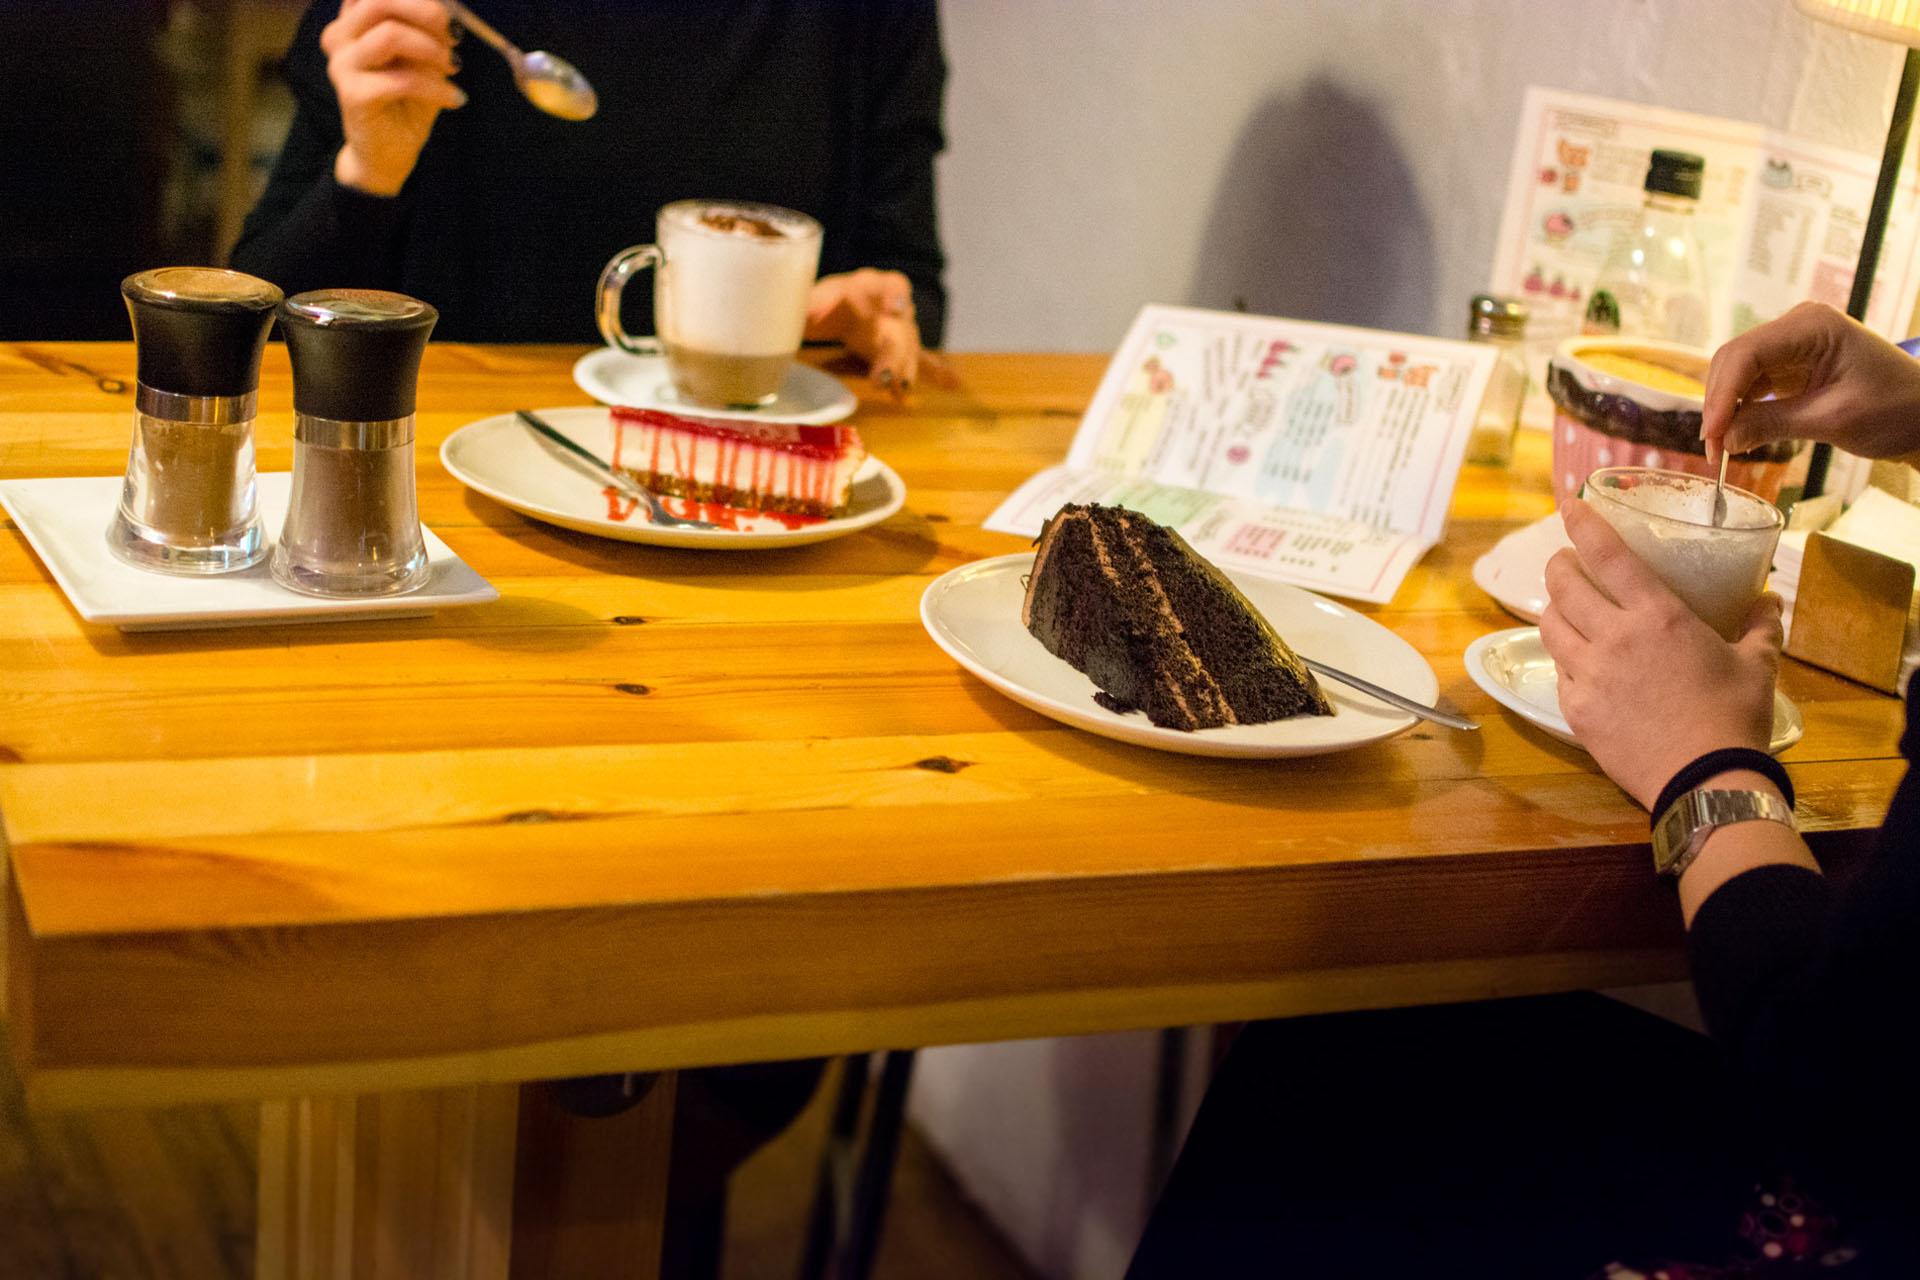 El paraíso de las tartas caseras de La Cocina de mi Vecina